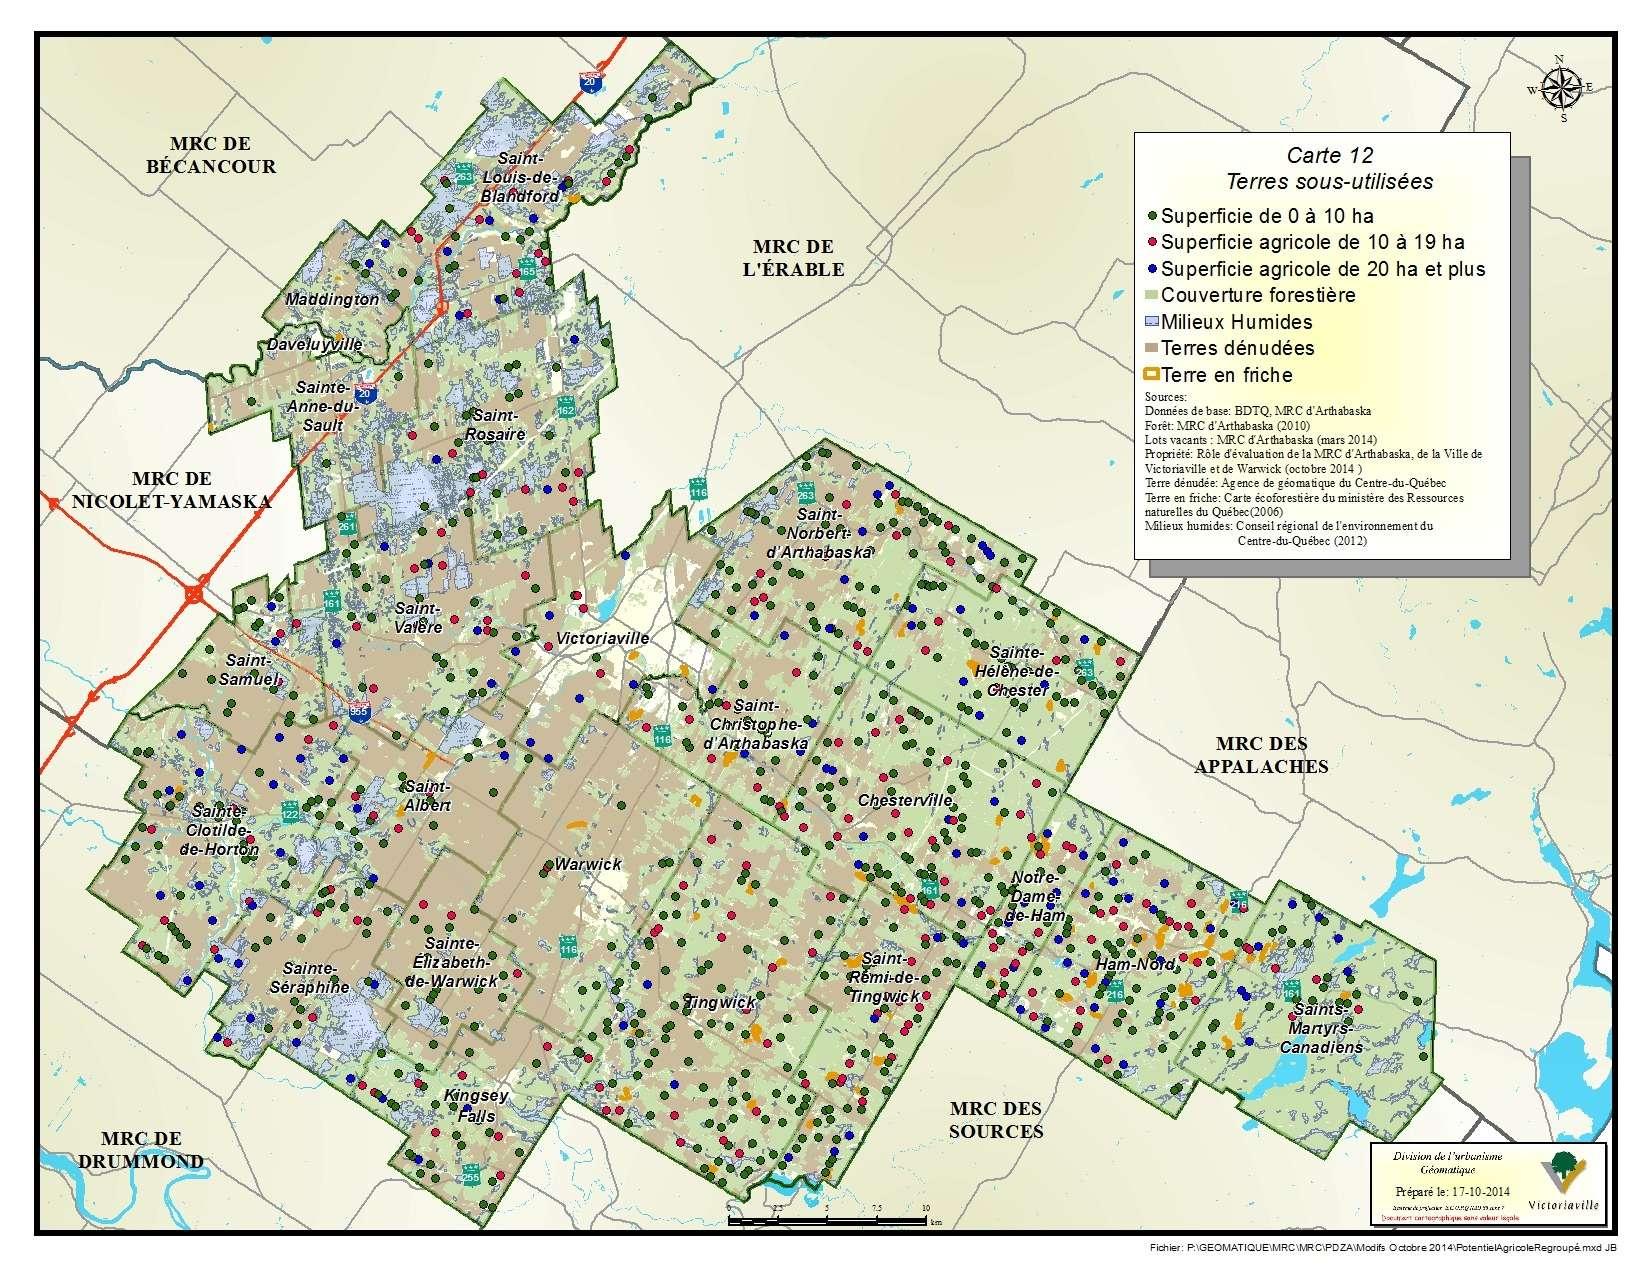 Carte 12 de 23 - Terres sous-utilisées